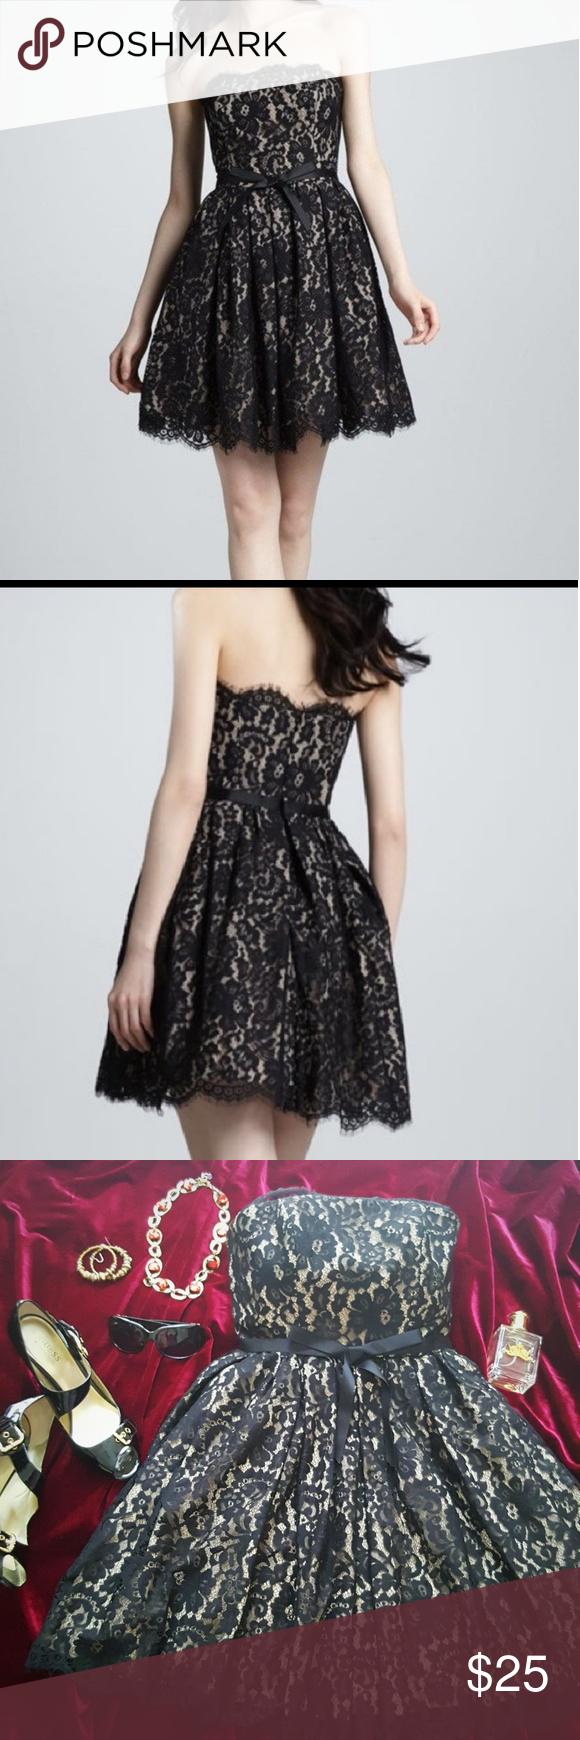 Black dress neiman marcus - Neiman Marcus Robert Rodriguez Black Party Dress Neiman Marcus Robert Rodriguez For Target Black Beige Lace